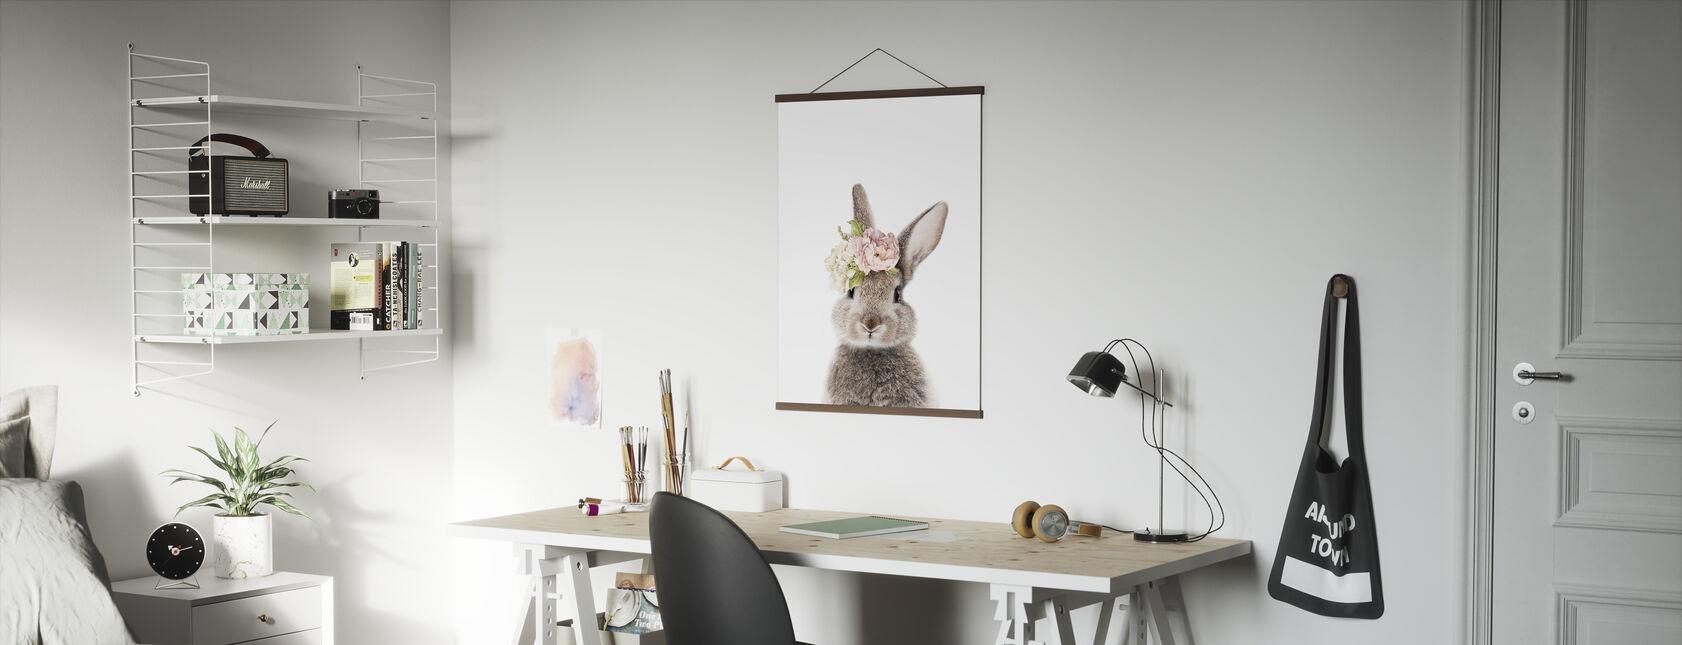 Blomstret kanin - Plakat - Kontor